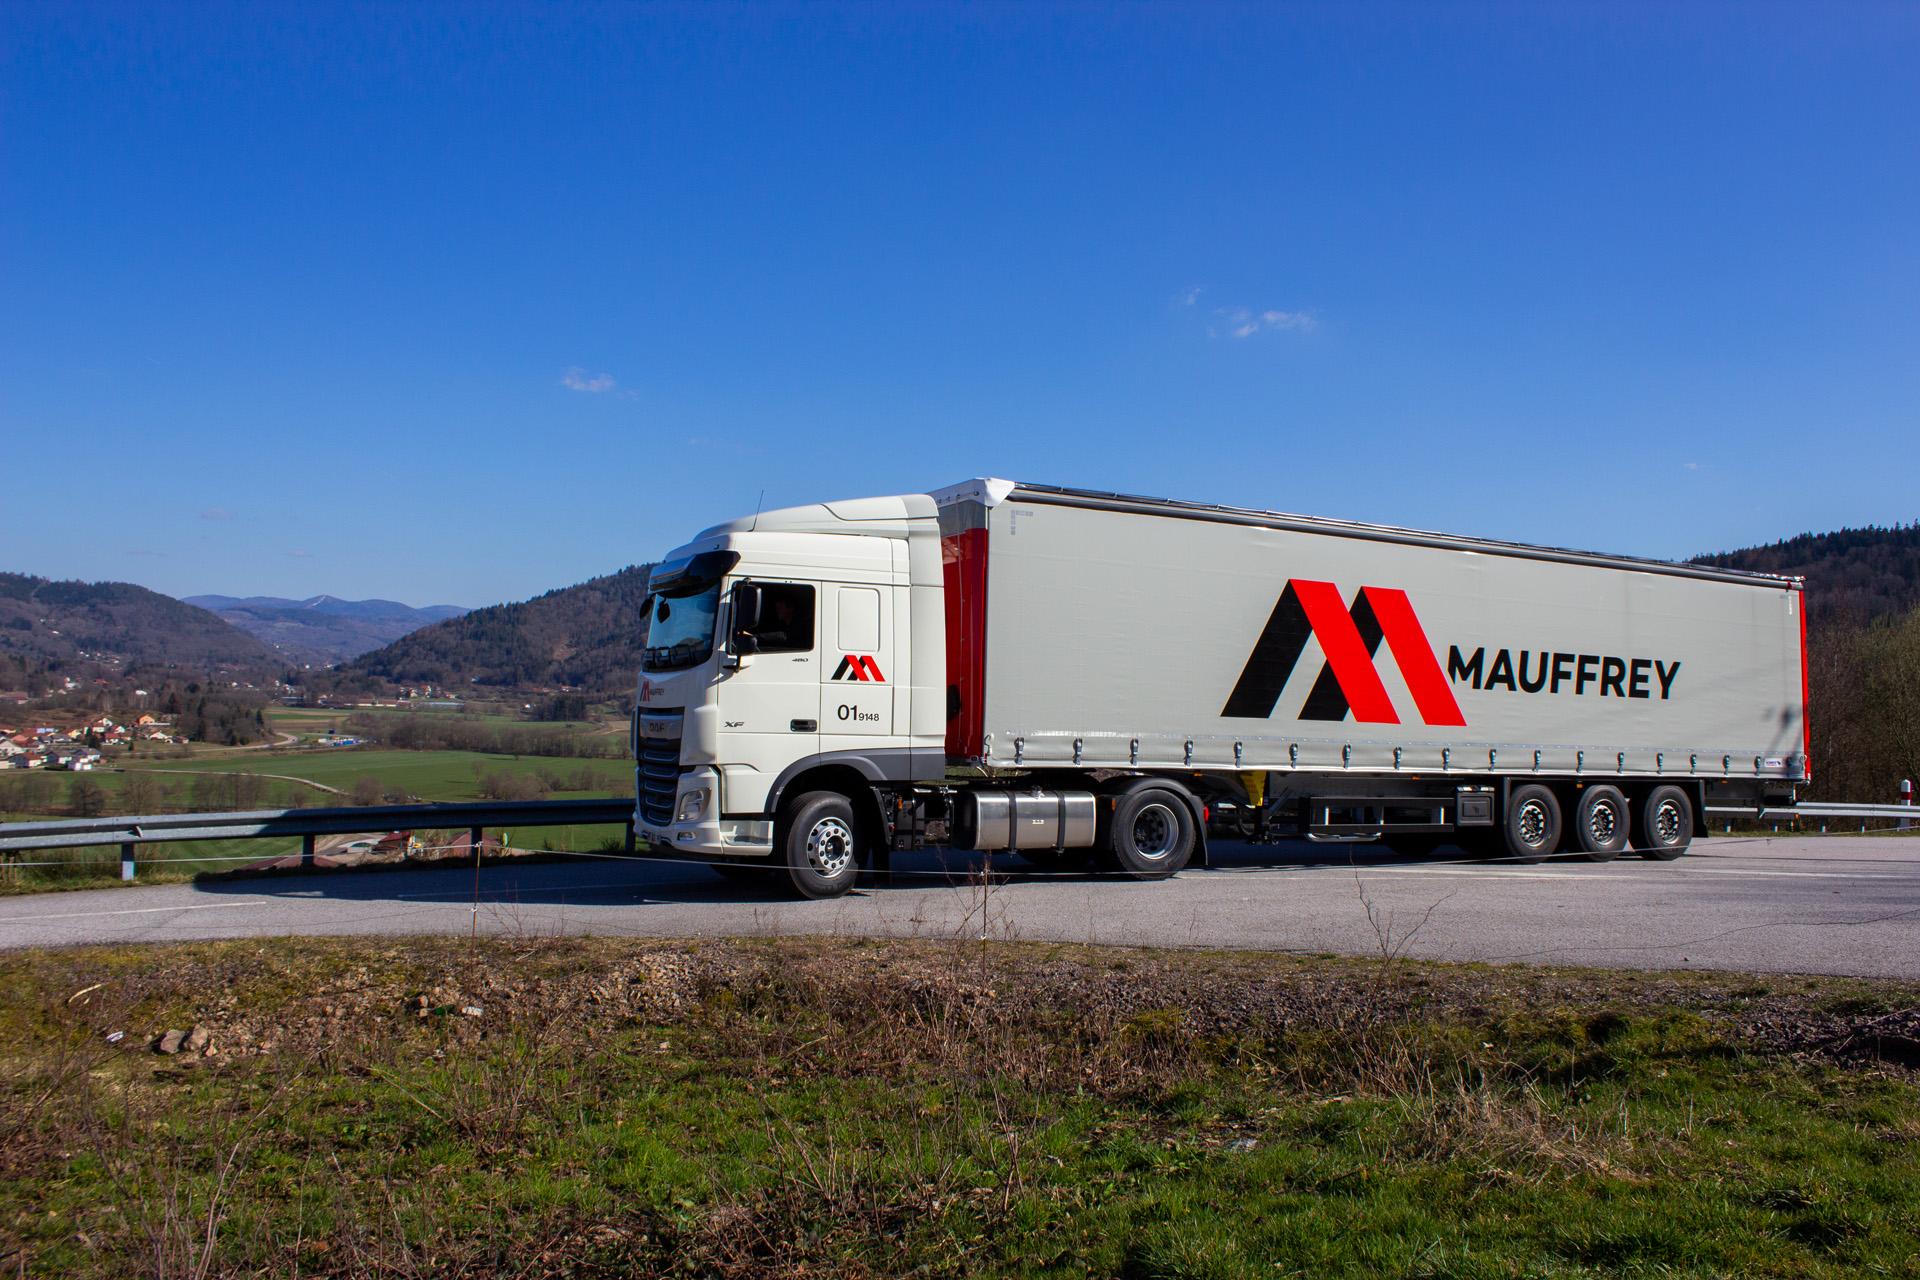 Groupe-Mauffrey-transport-Nos-prestations-Transport-Tautliner-organisation de transport